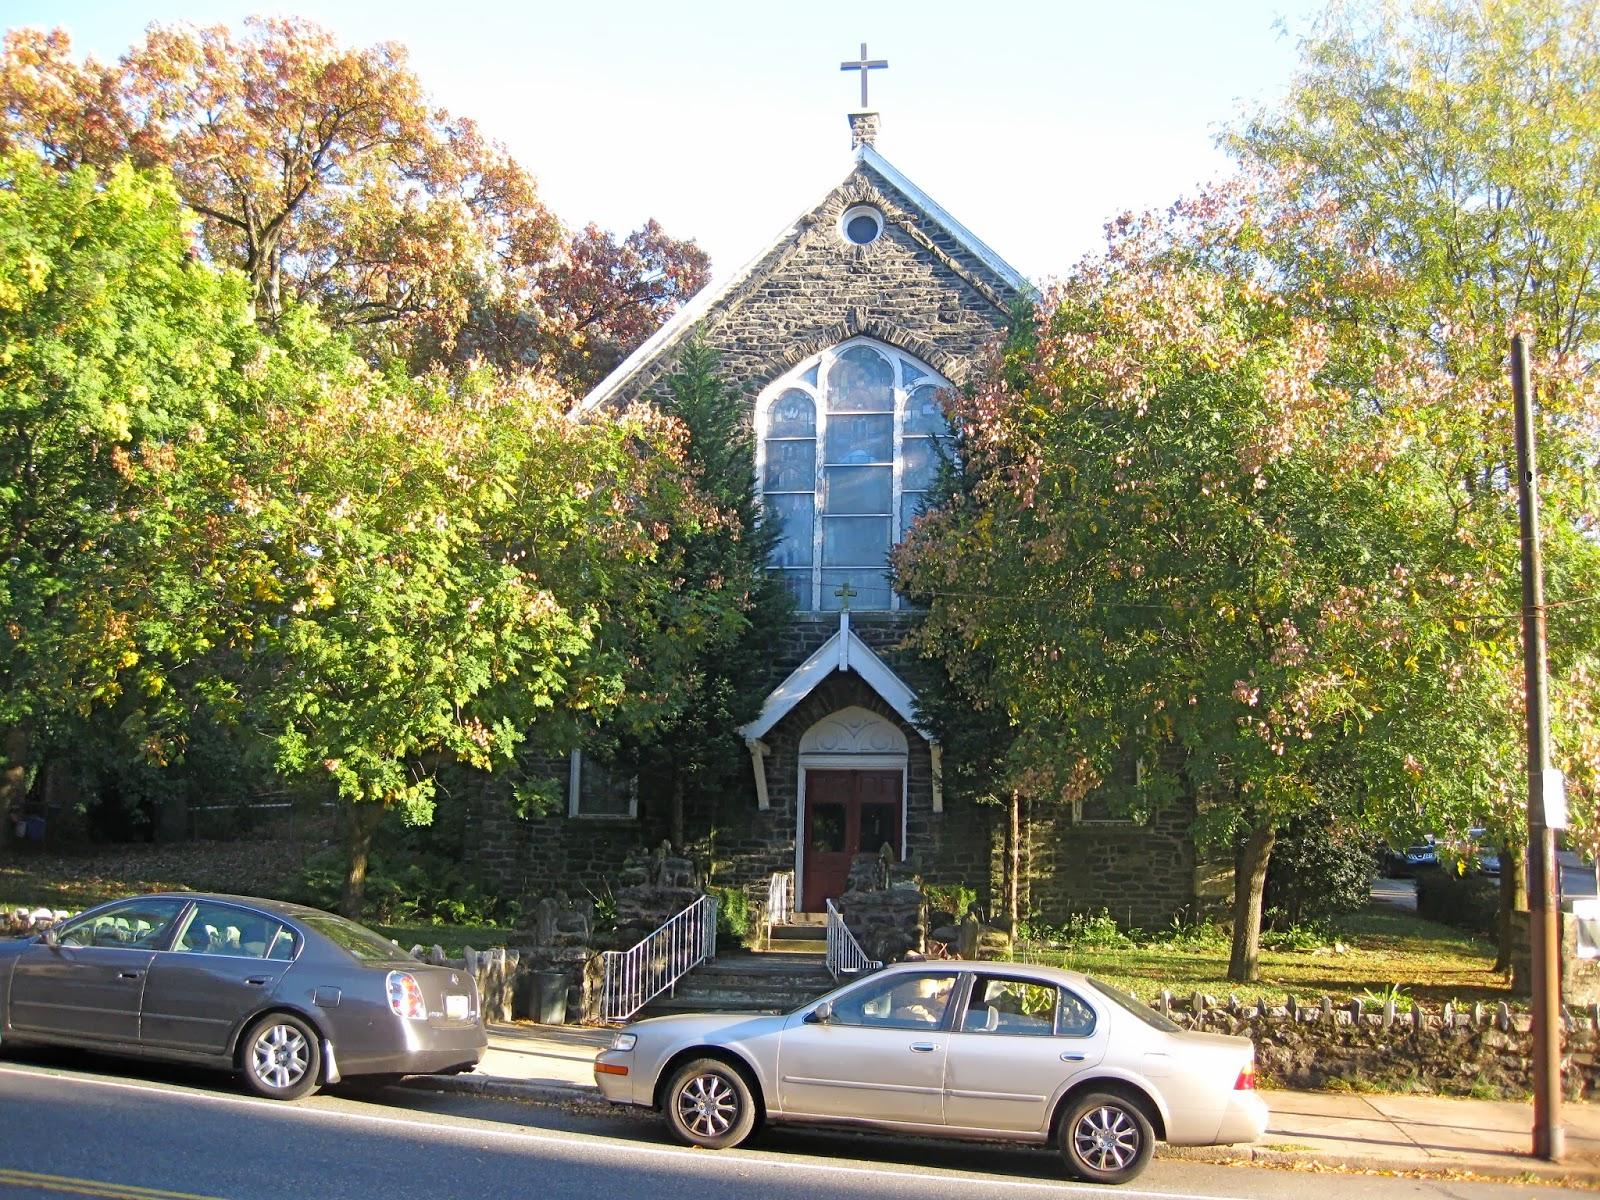 Maison Tudor East Falls quartier